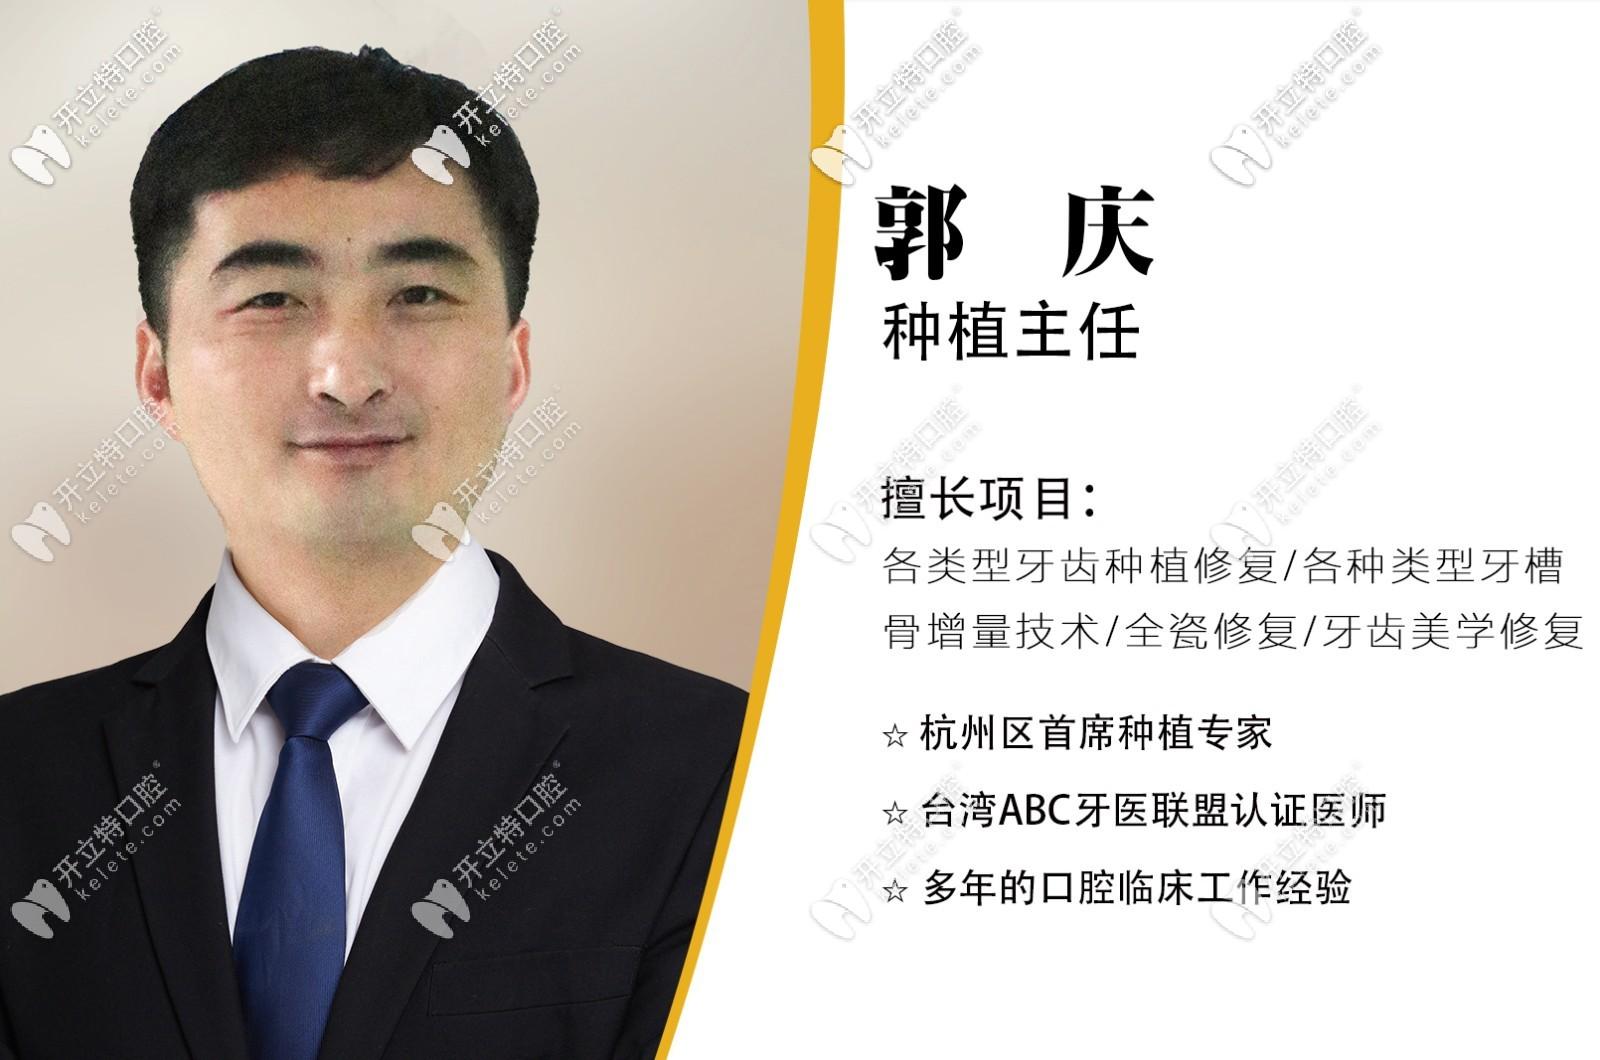 杭州亮贝美口腔医院郭庆